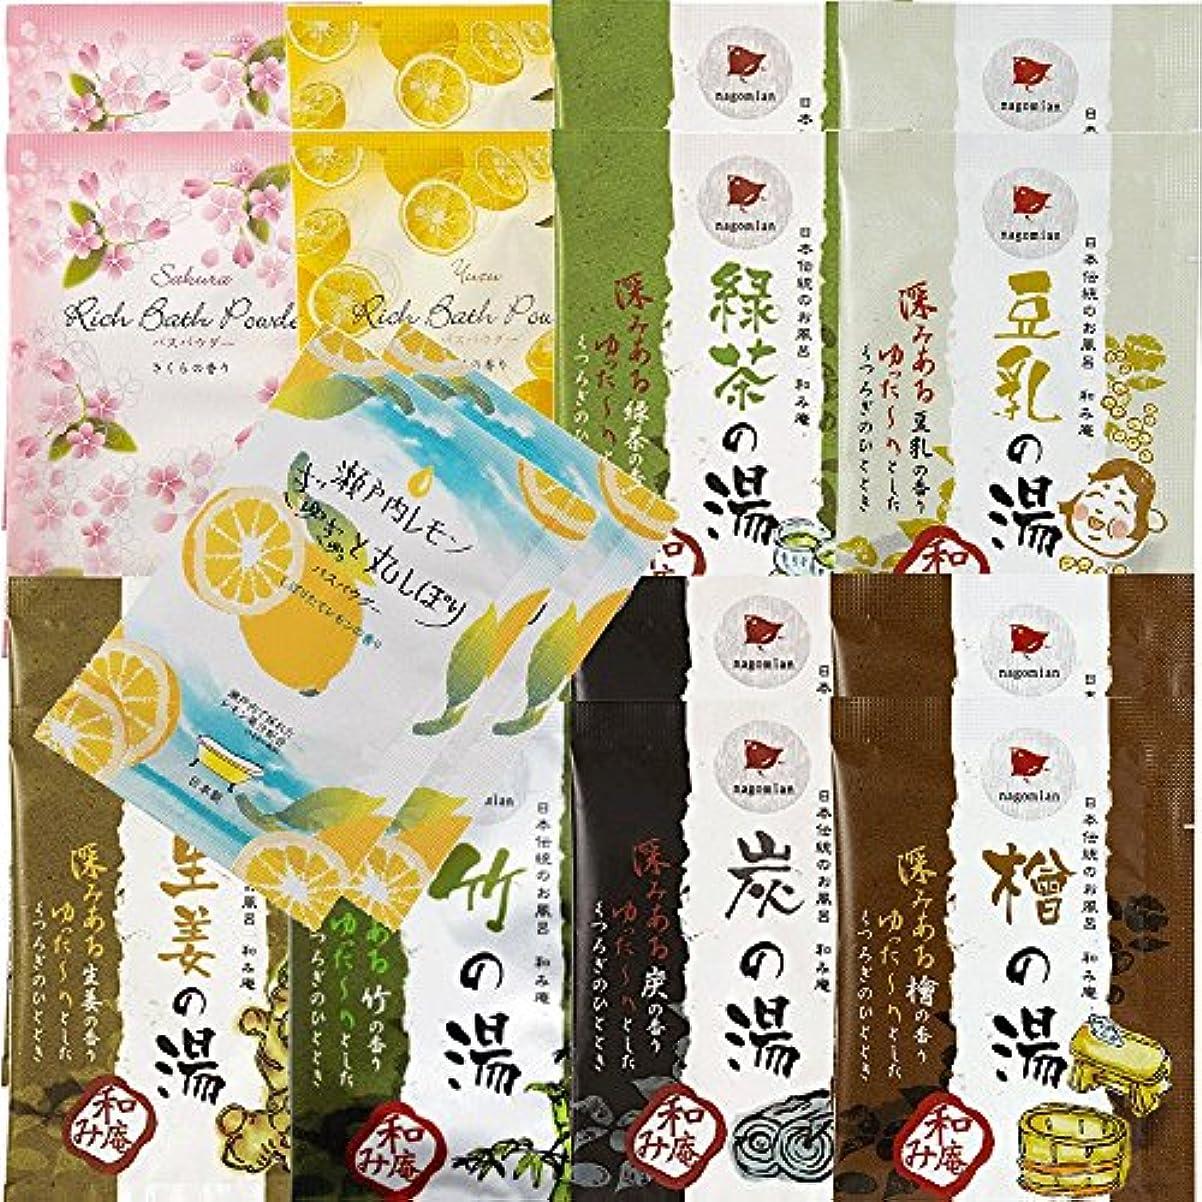 チャーミンググラフィックペレット日本伝統のお風呂 和み庵 6種類×2 + バスパウダー 3種類×2セット 和風入浴剤 18包セット